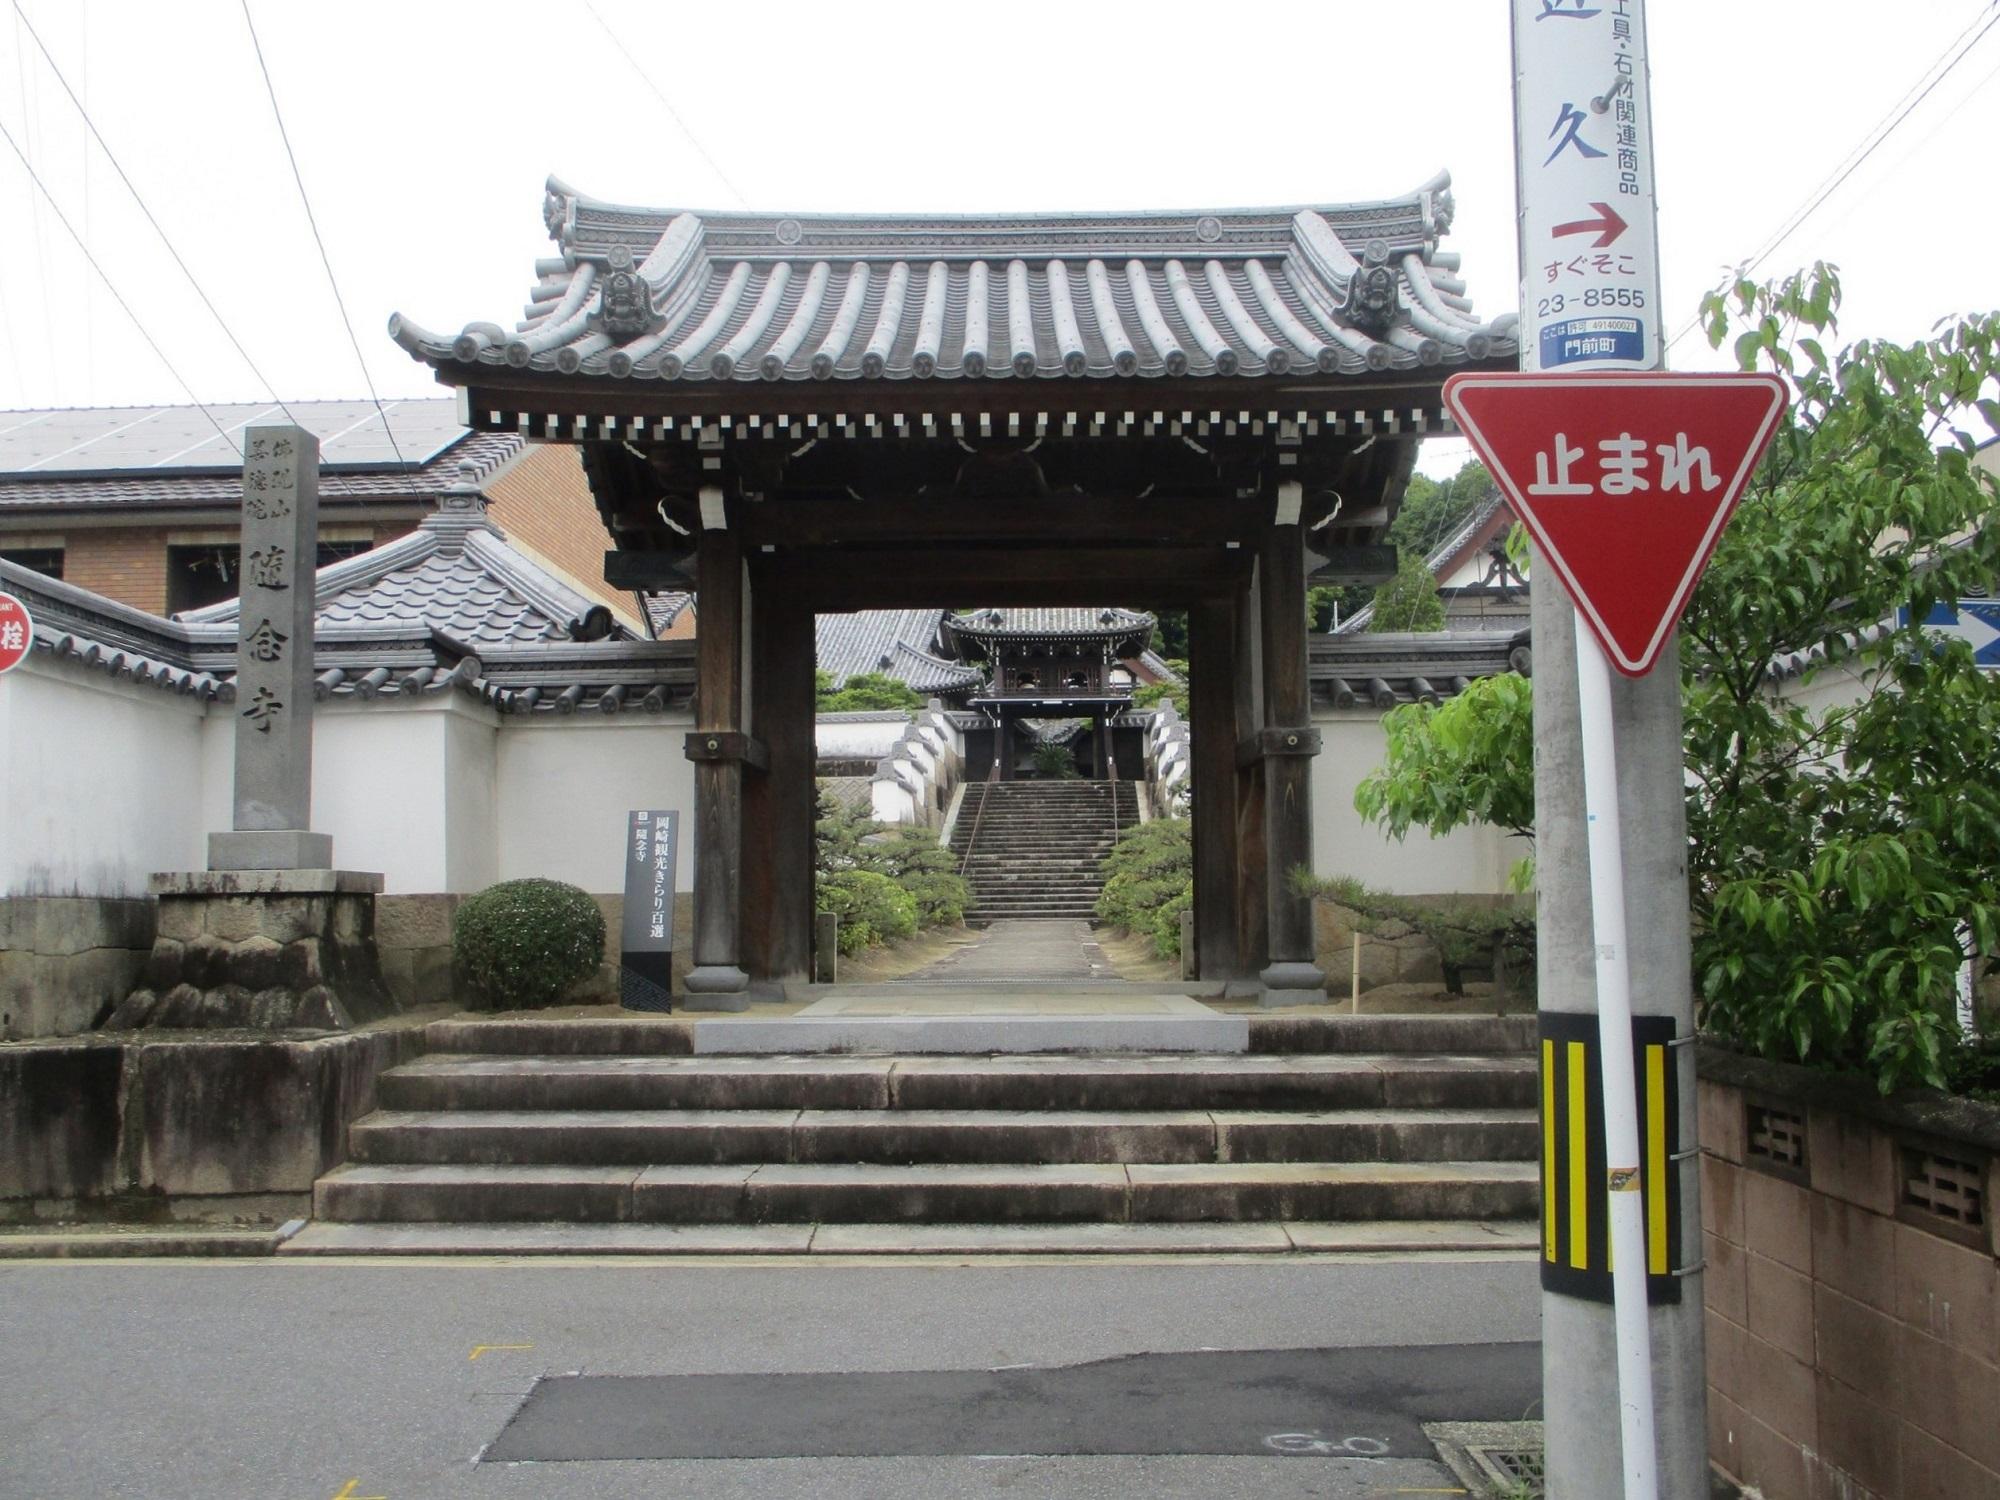 2020.5.19 (3) 随念寺 - 山門 2000-1500